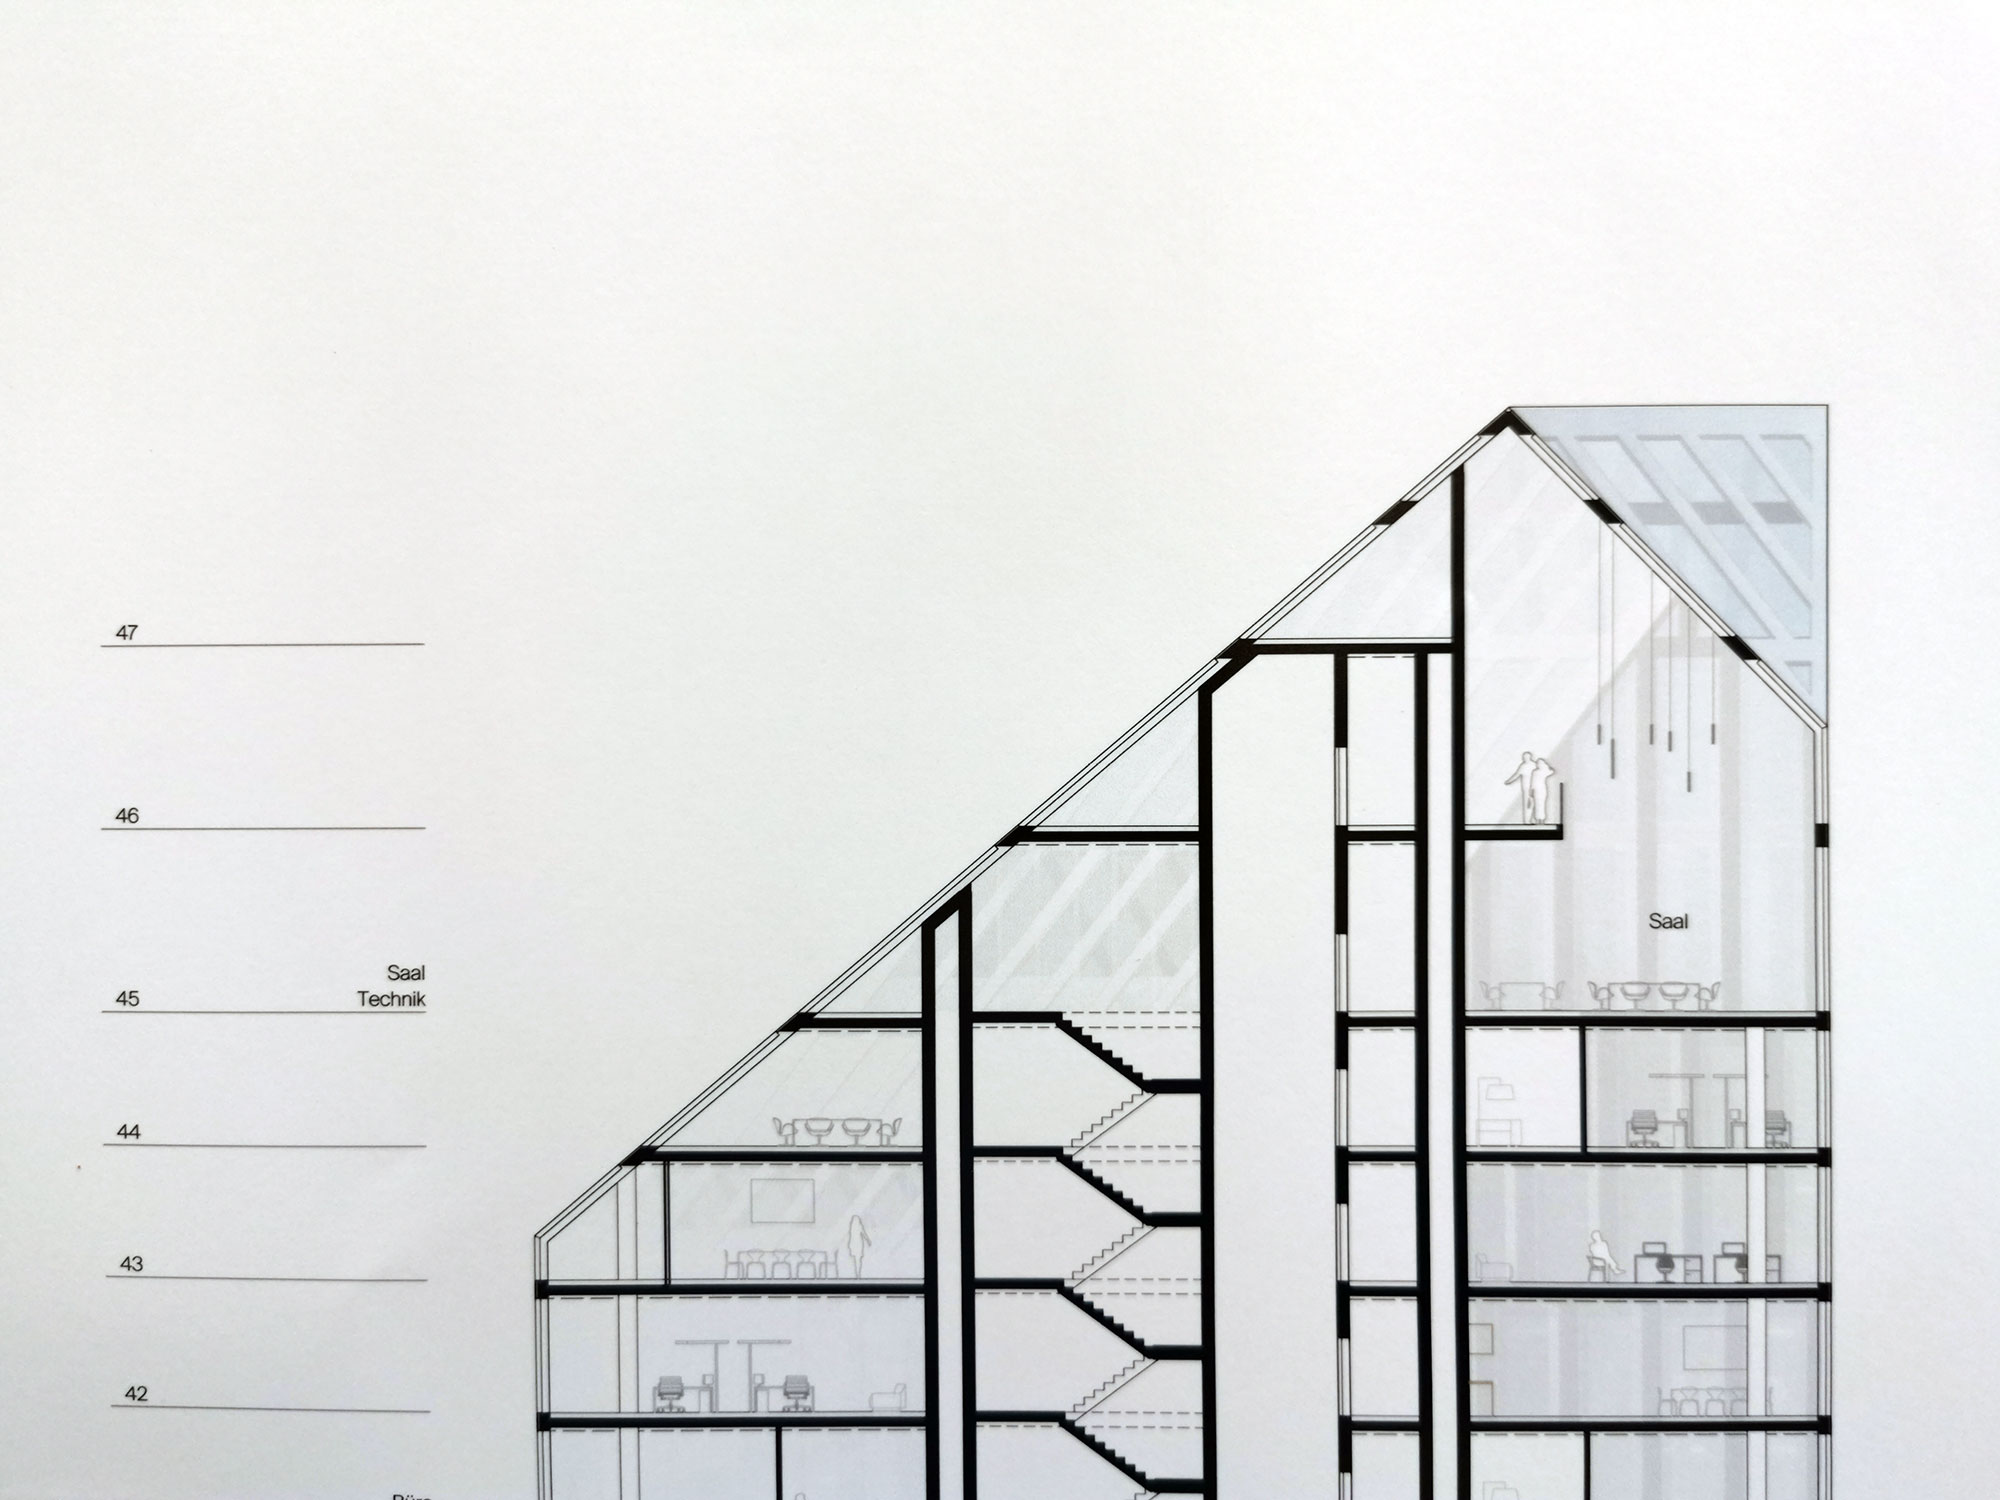 Turmspitze Das Präsidium - Frankfurt Wolkenkratzer am ehemaligen Polizei-Präsidium - Architekt Meixner Schlüter Wendt